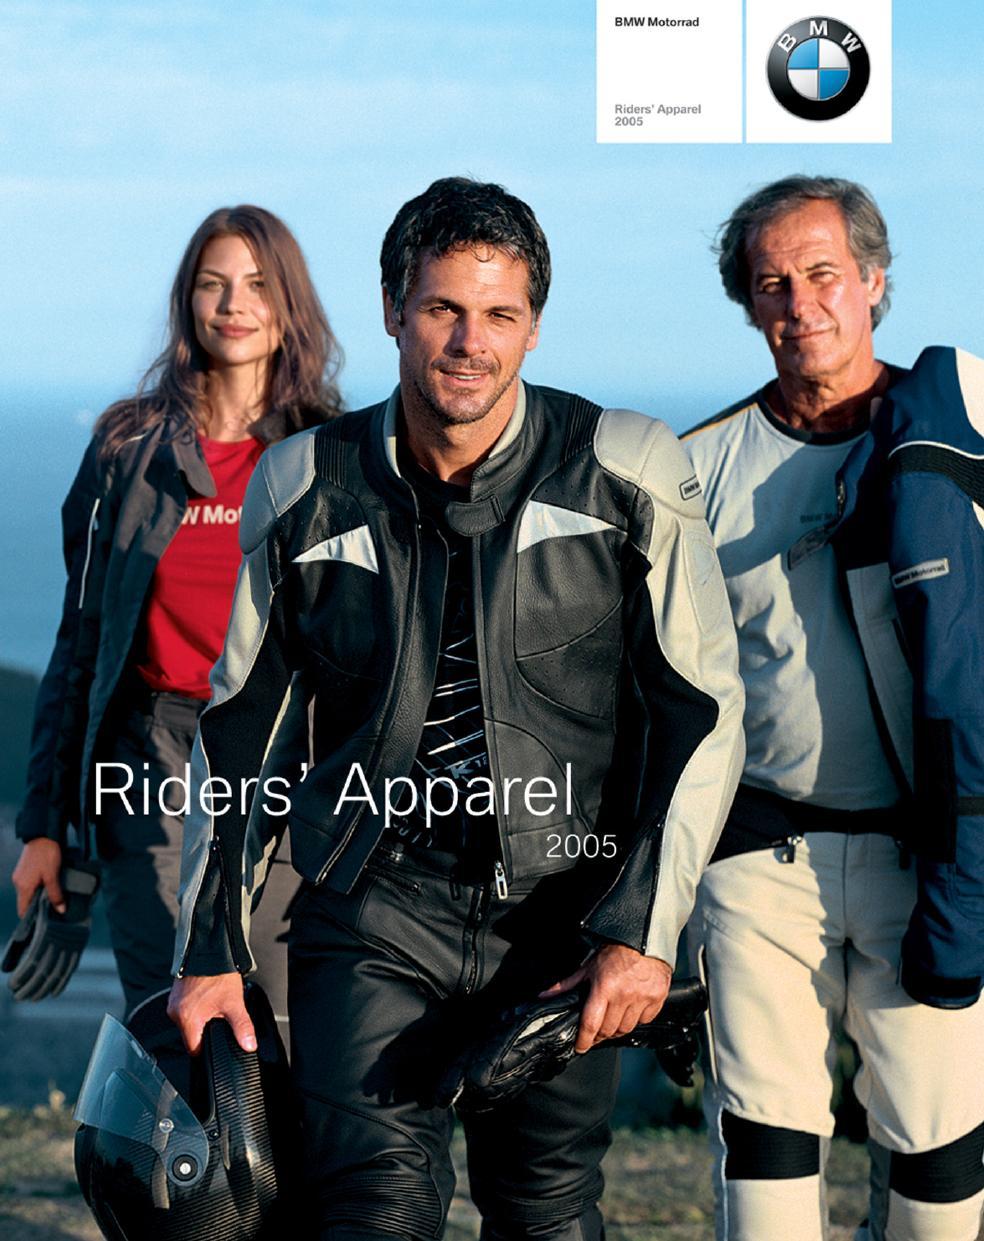 Delightful Bmw Motorrad Apparel Catalog #2: Produkte24